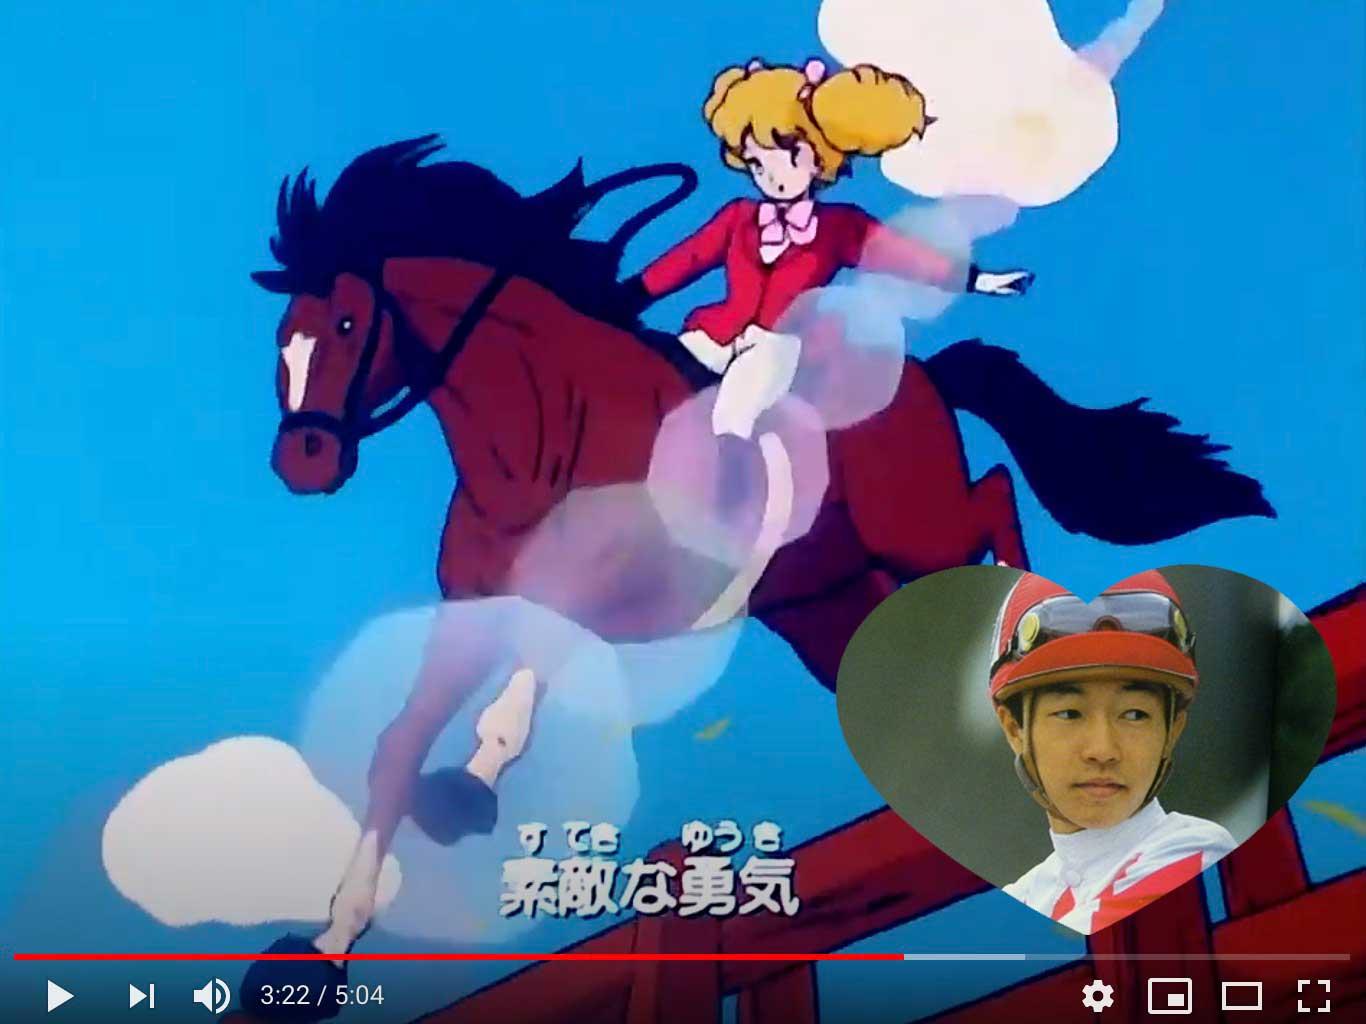 ハロー!レディリンという乗馬アニメの画像と武豊